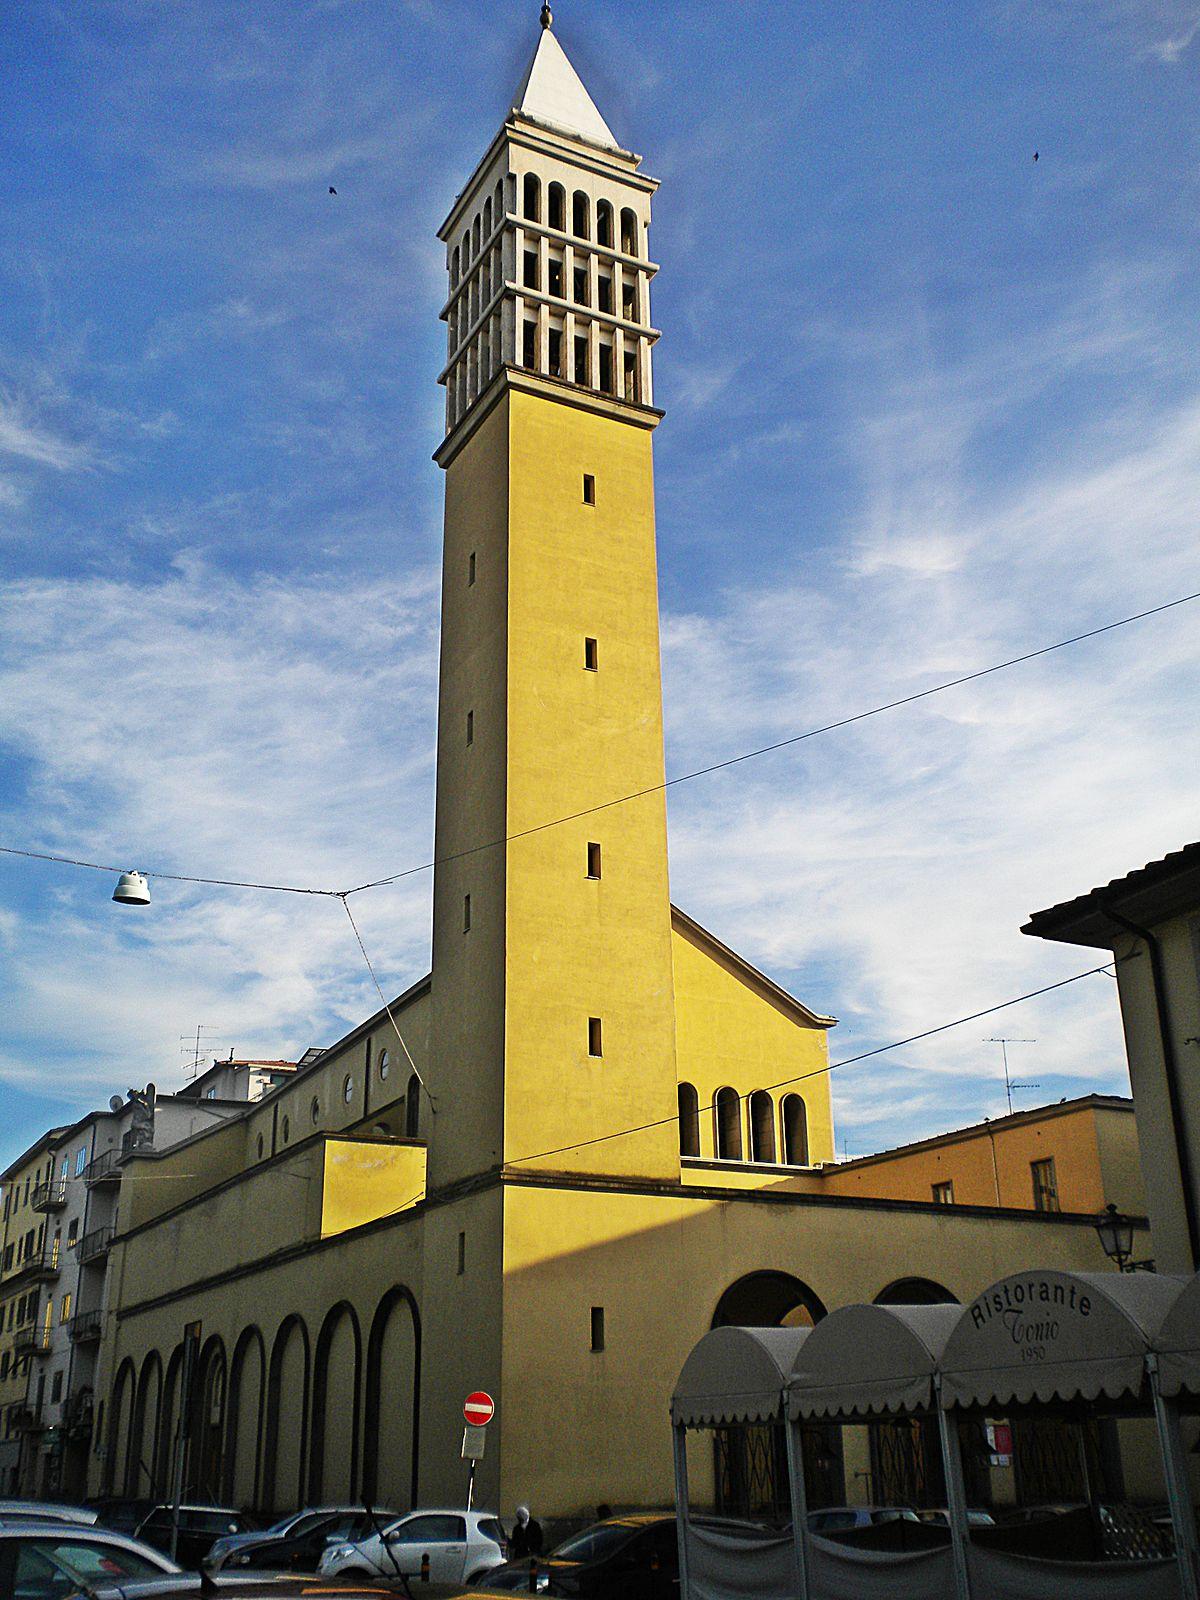 Chiesa di san bartolomeo prato wikipedia - Architetto prato ...